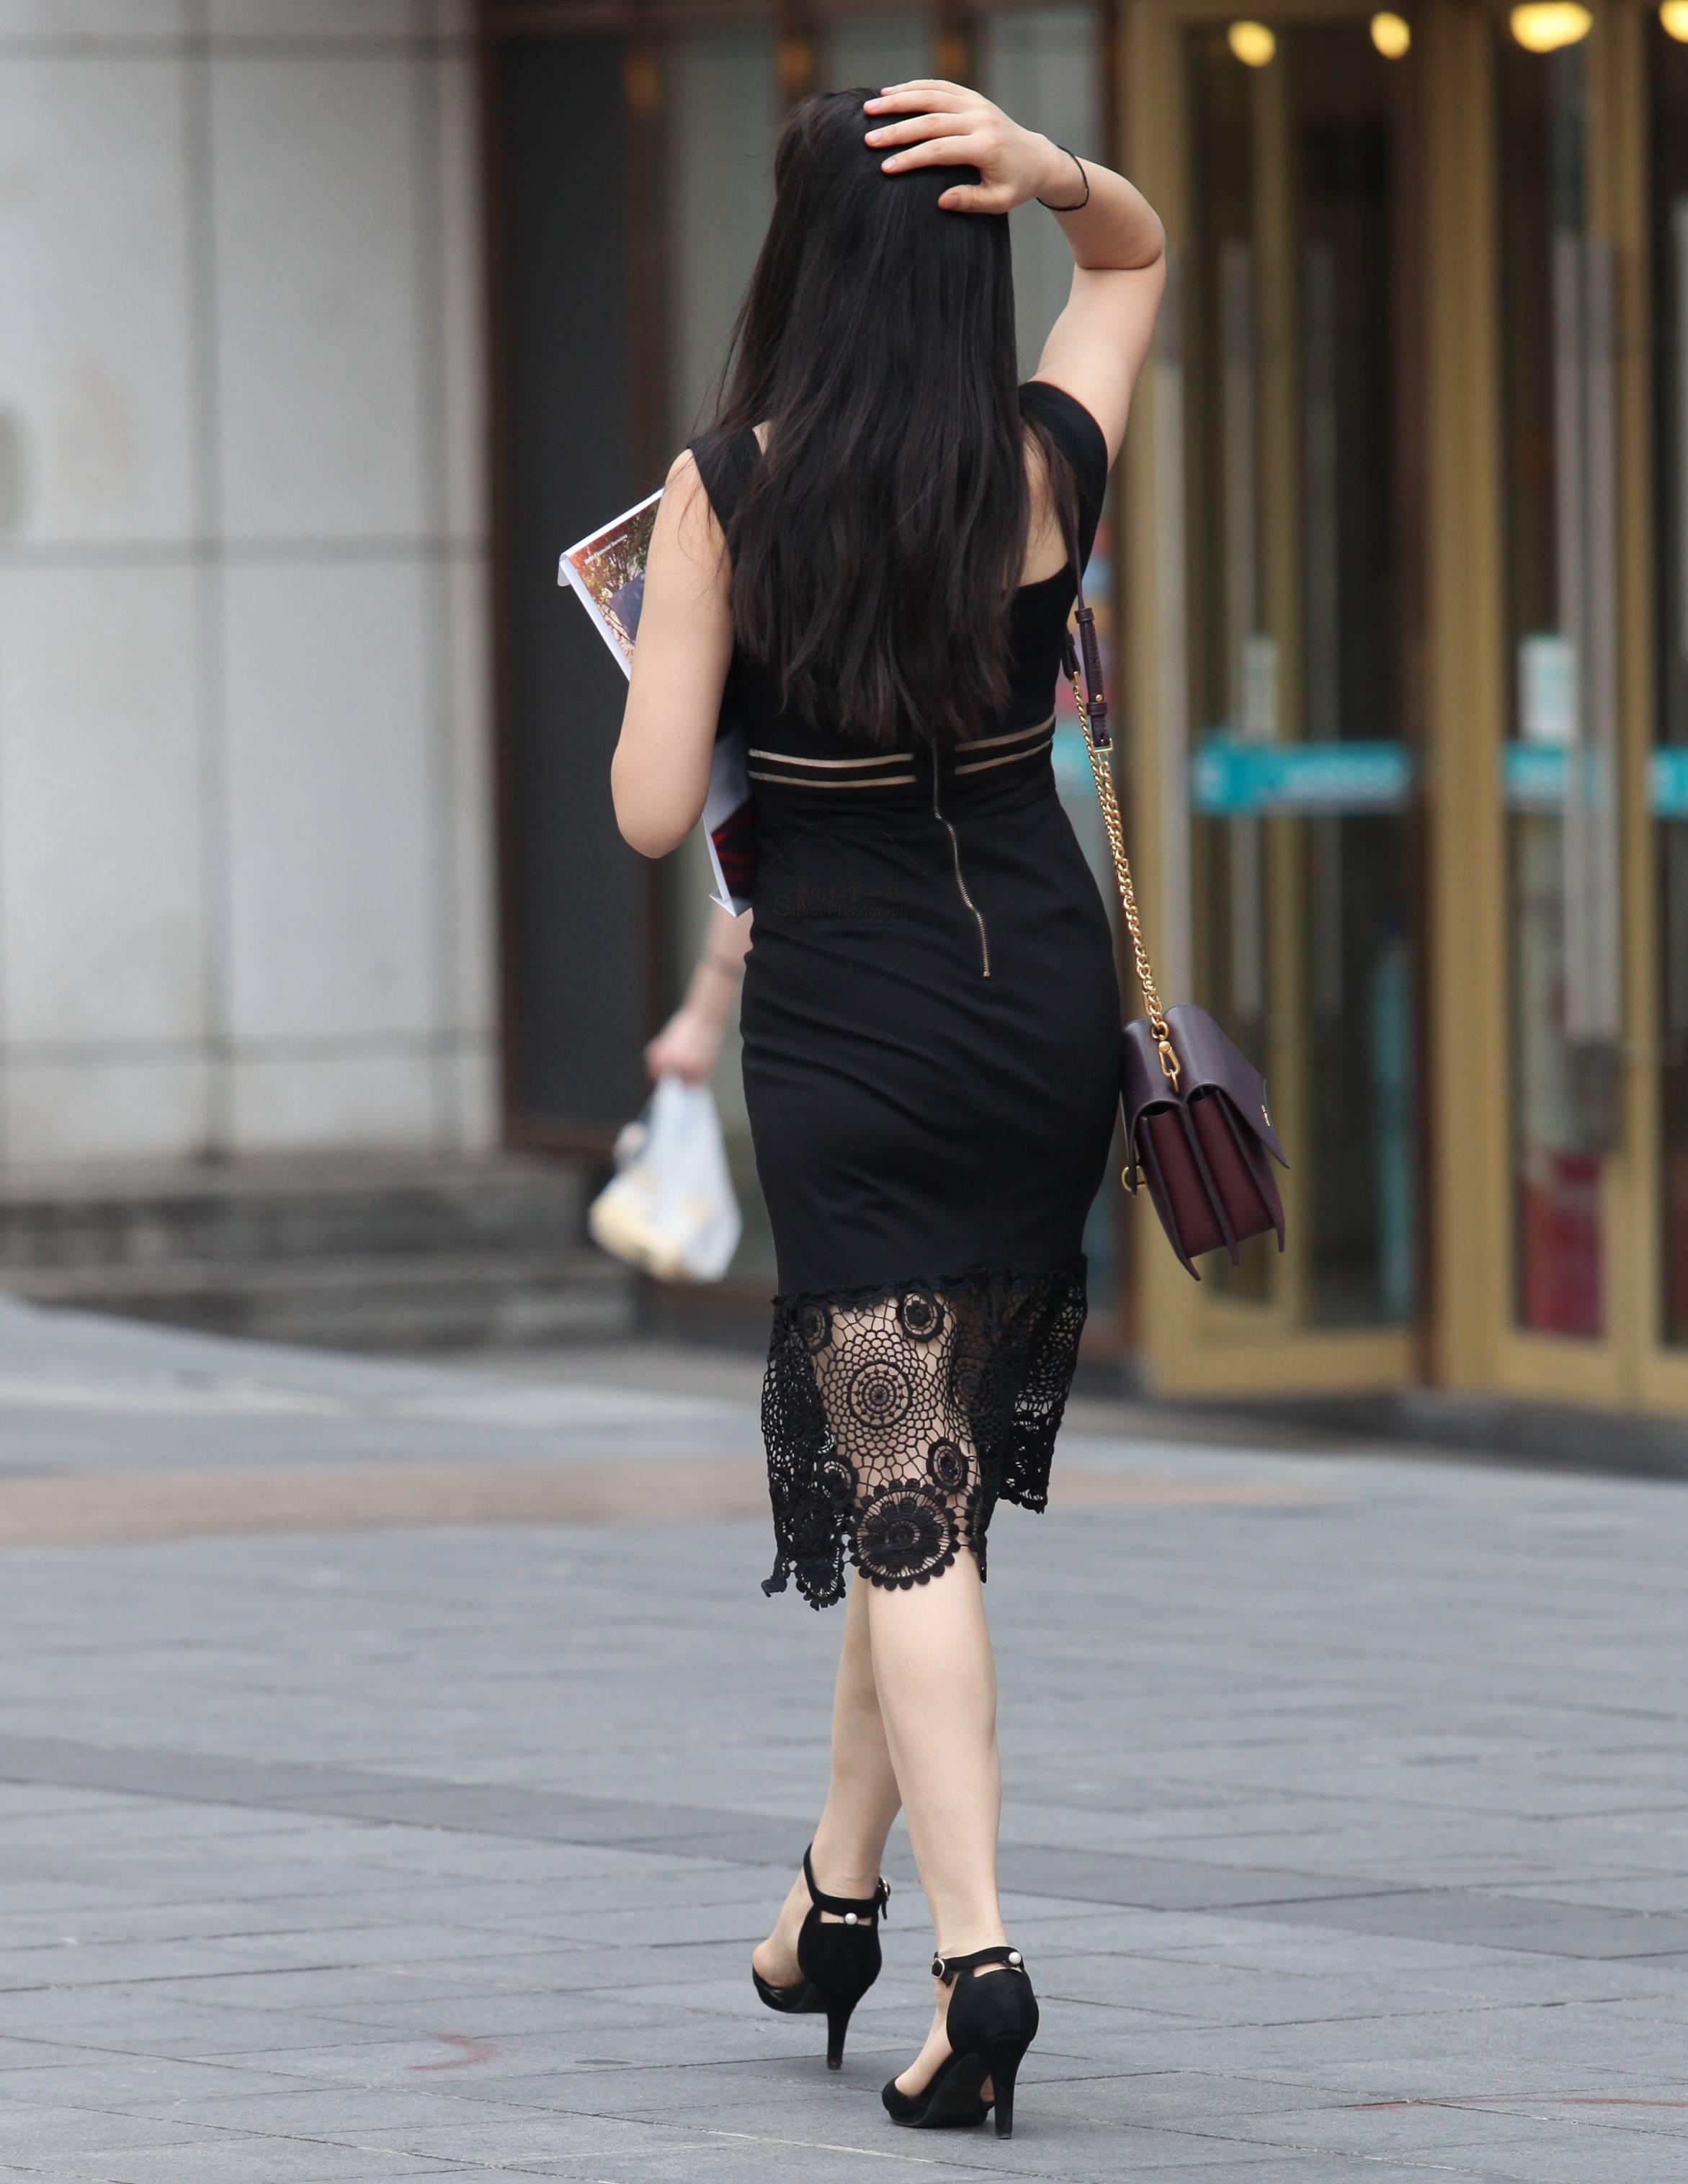 【珏一笑而过】黑裙 高跟Shao Fu